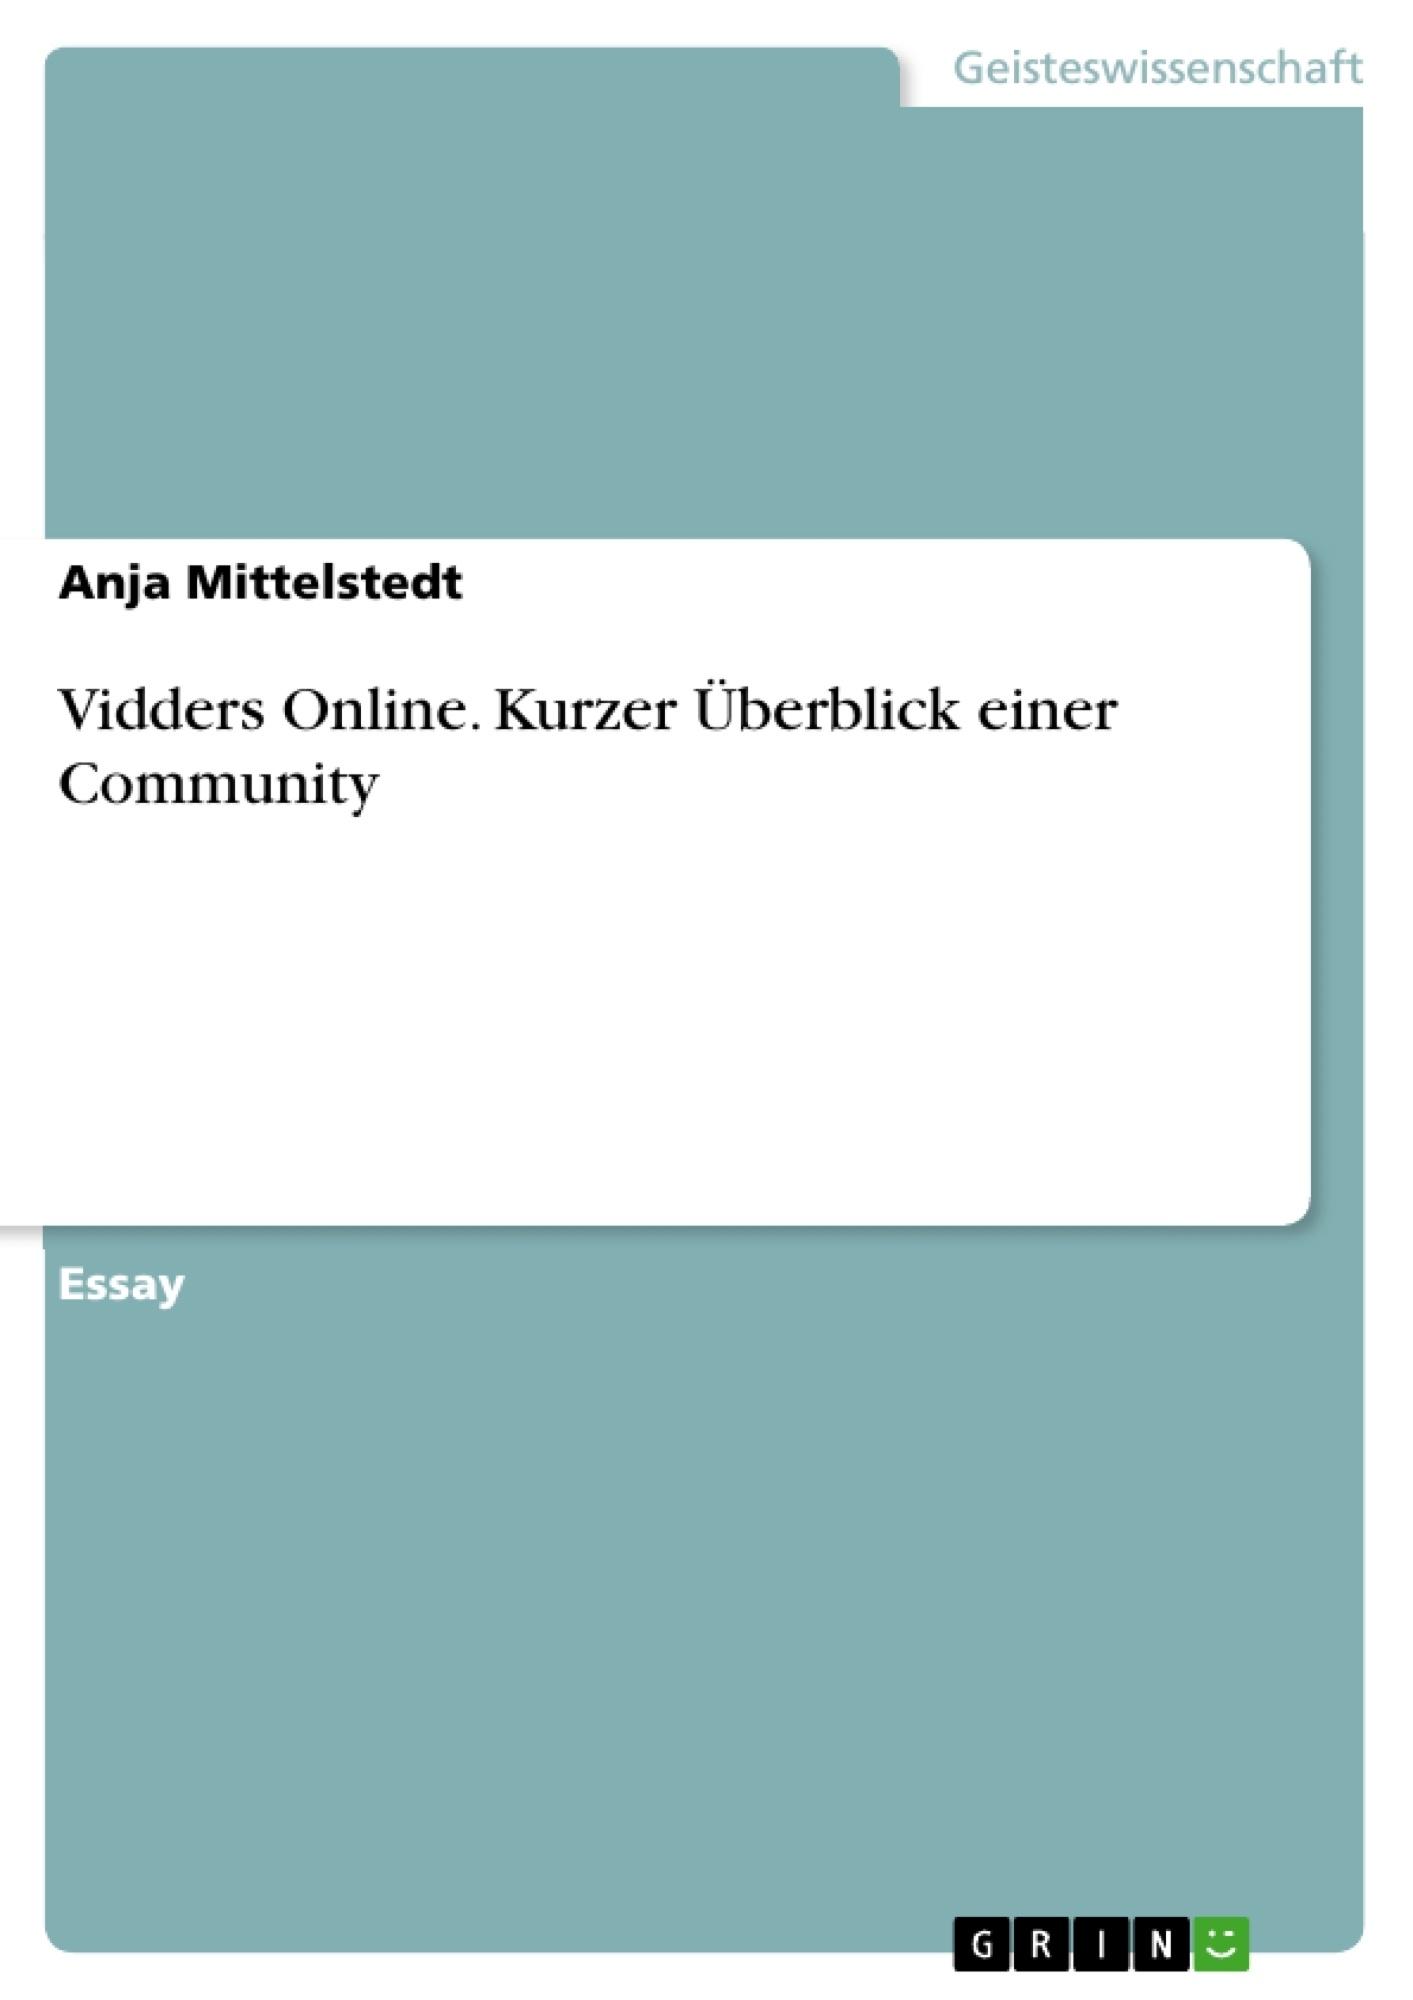 Titel: Vidders Online. Kurzer Überblick einer Community